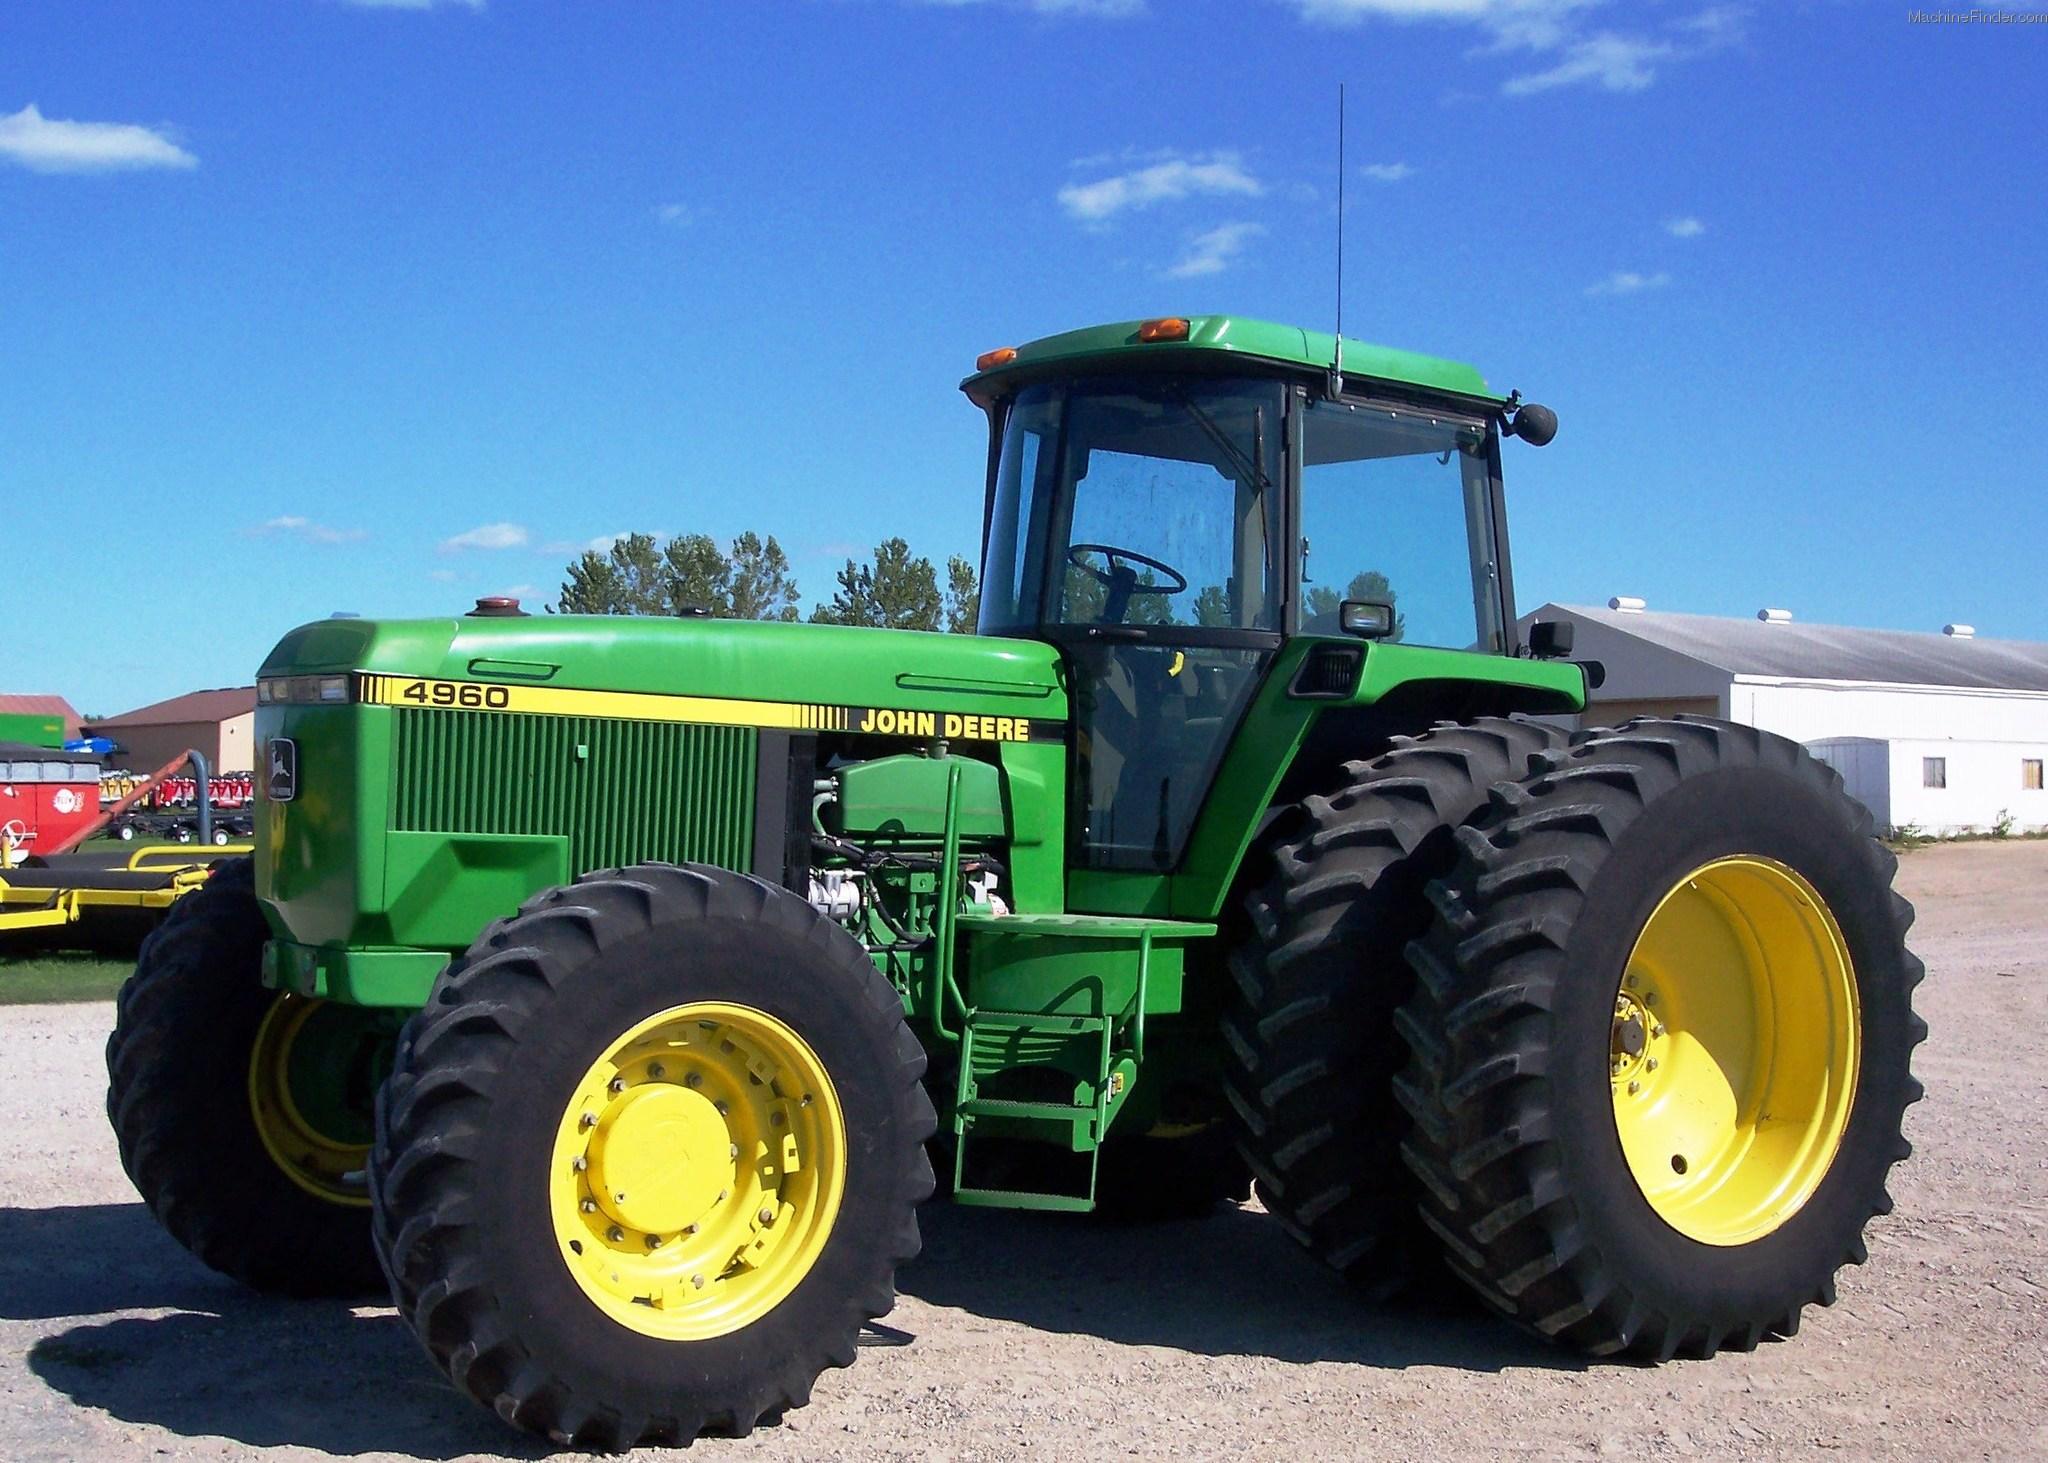 1992 John Deere 4960 Tractors - Row Crop (+100hp) - John ...